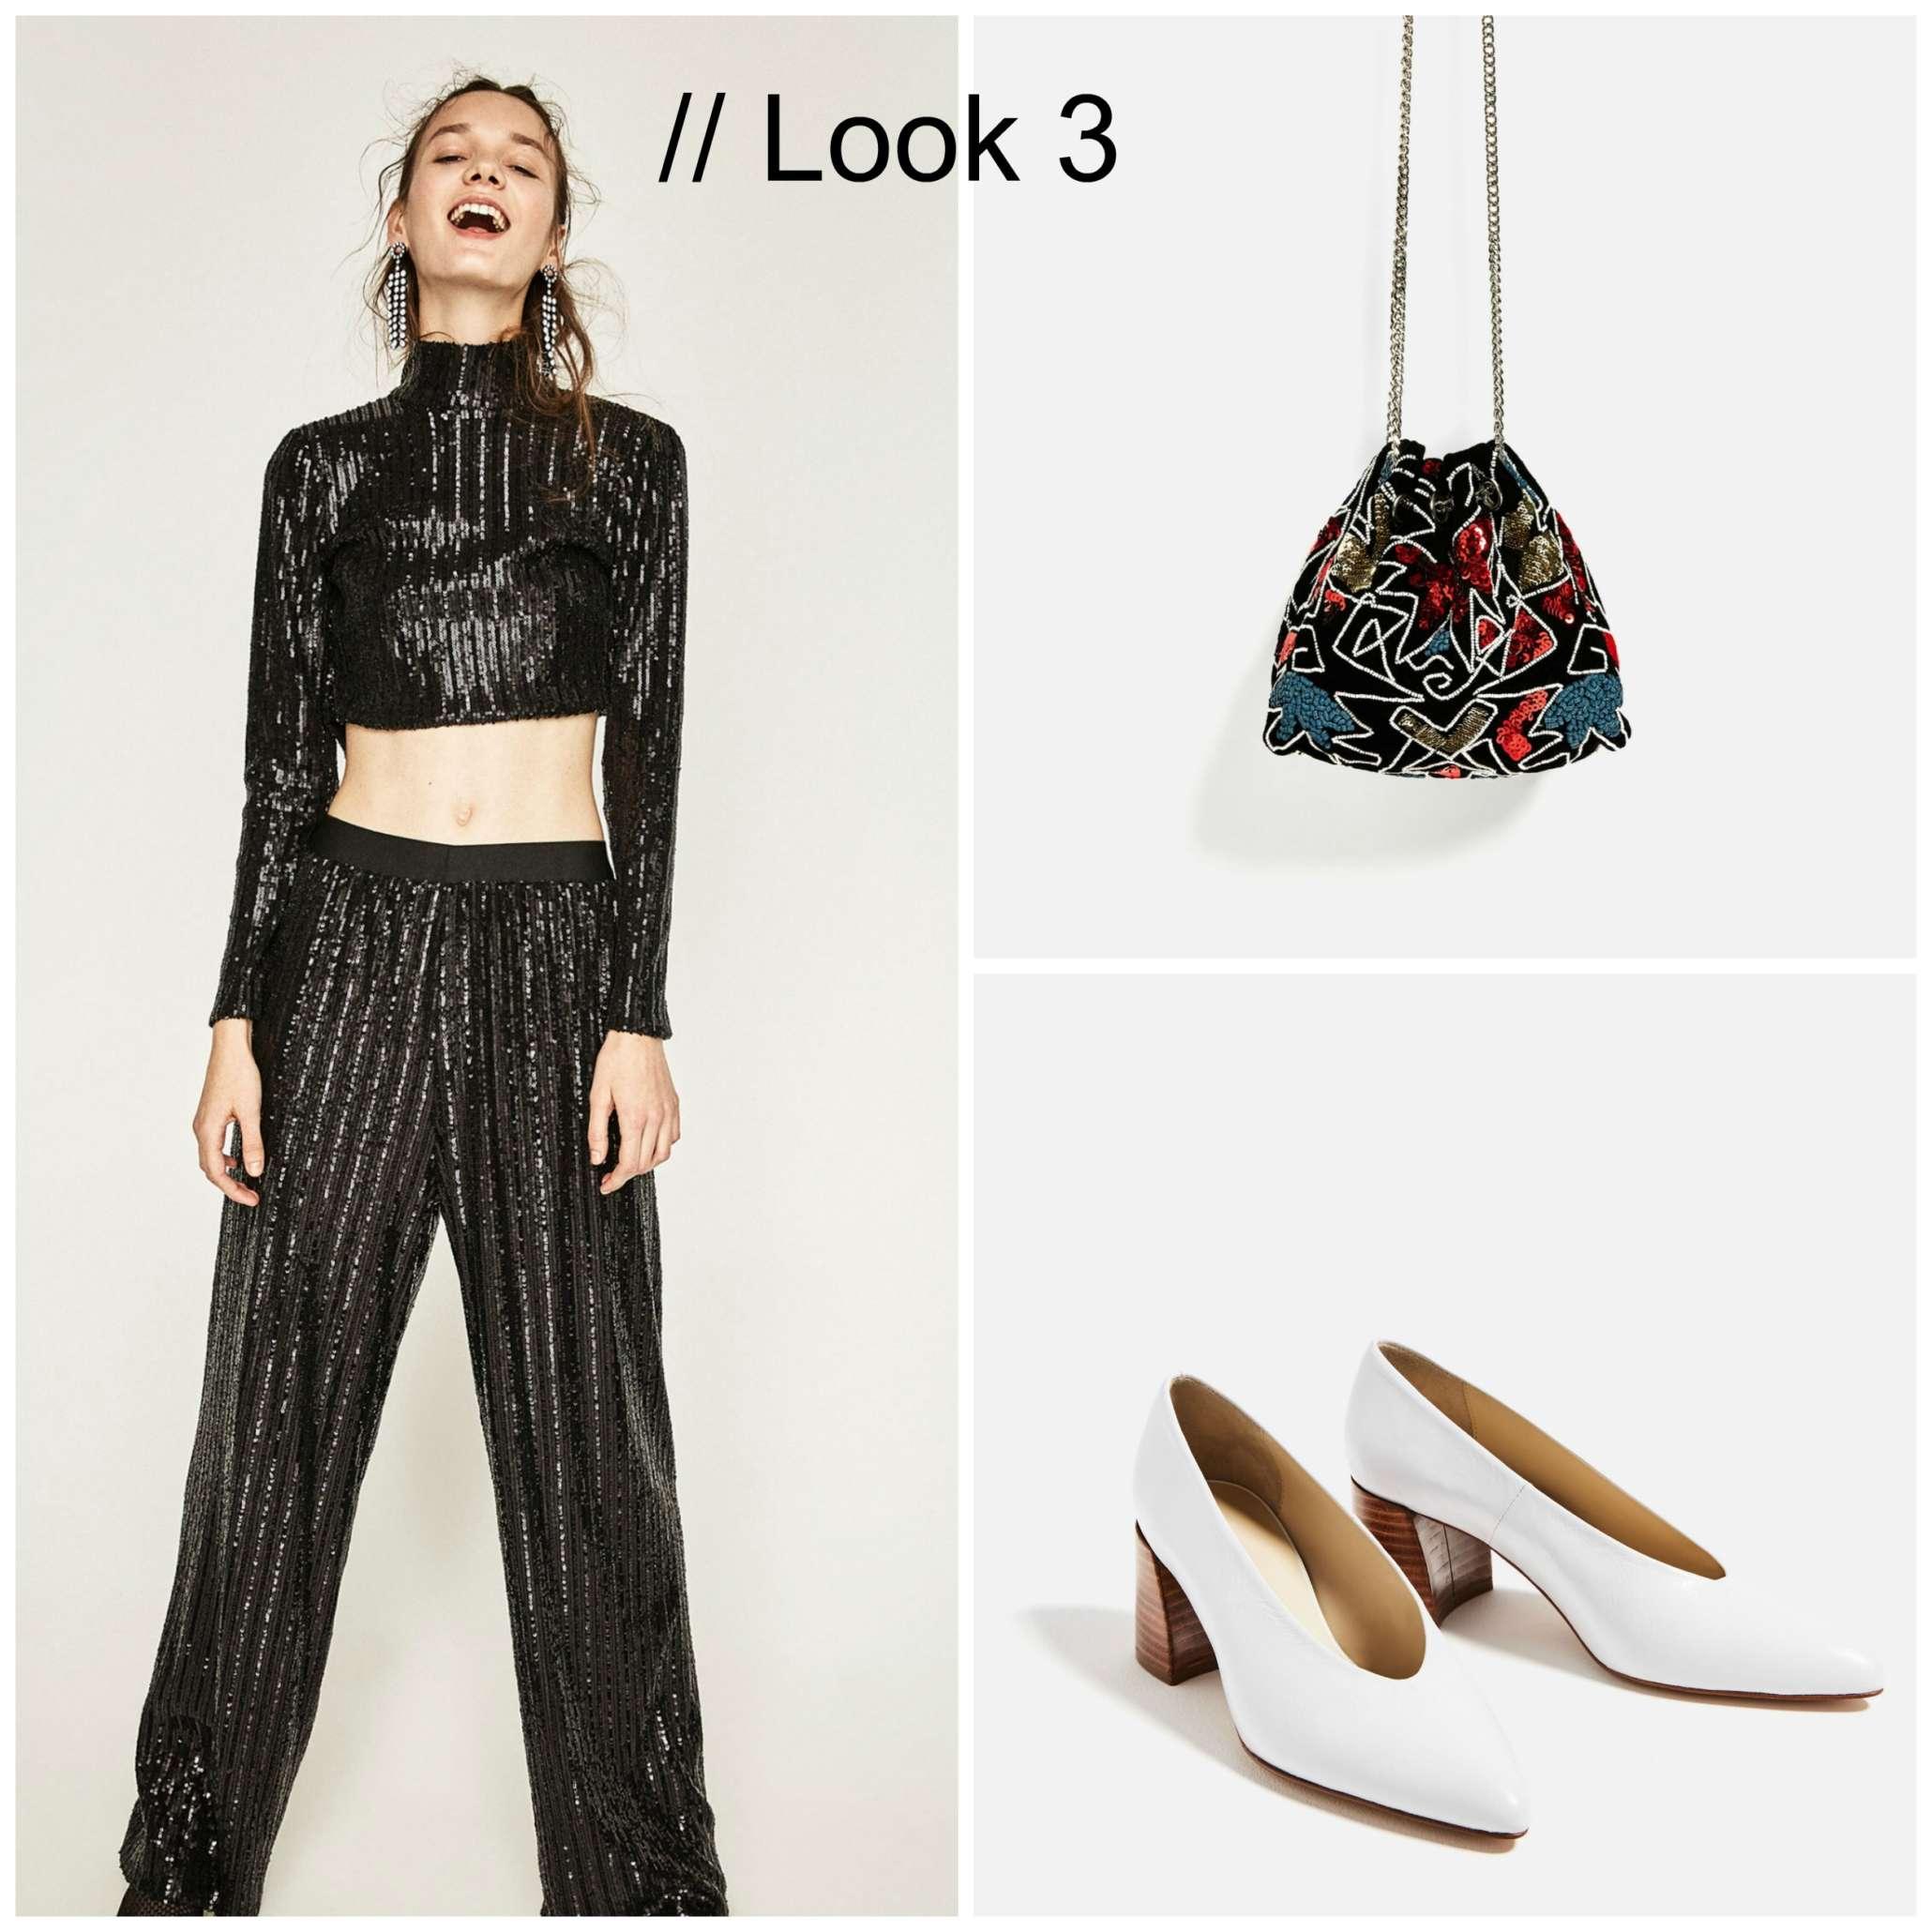 zara-nytår-outfit-inspiration